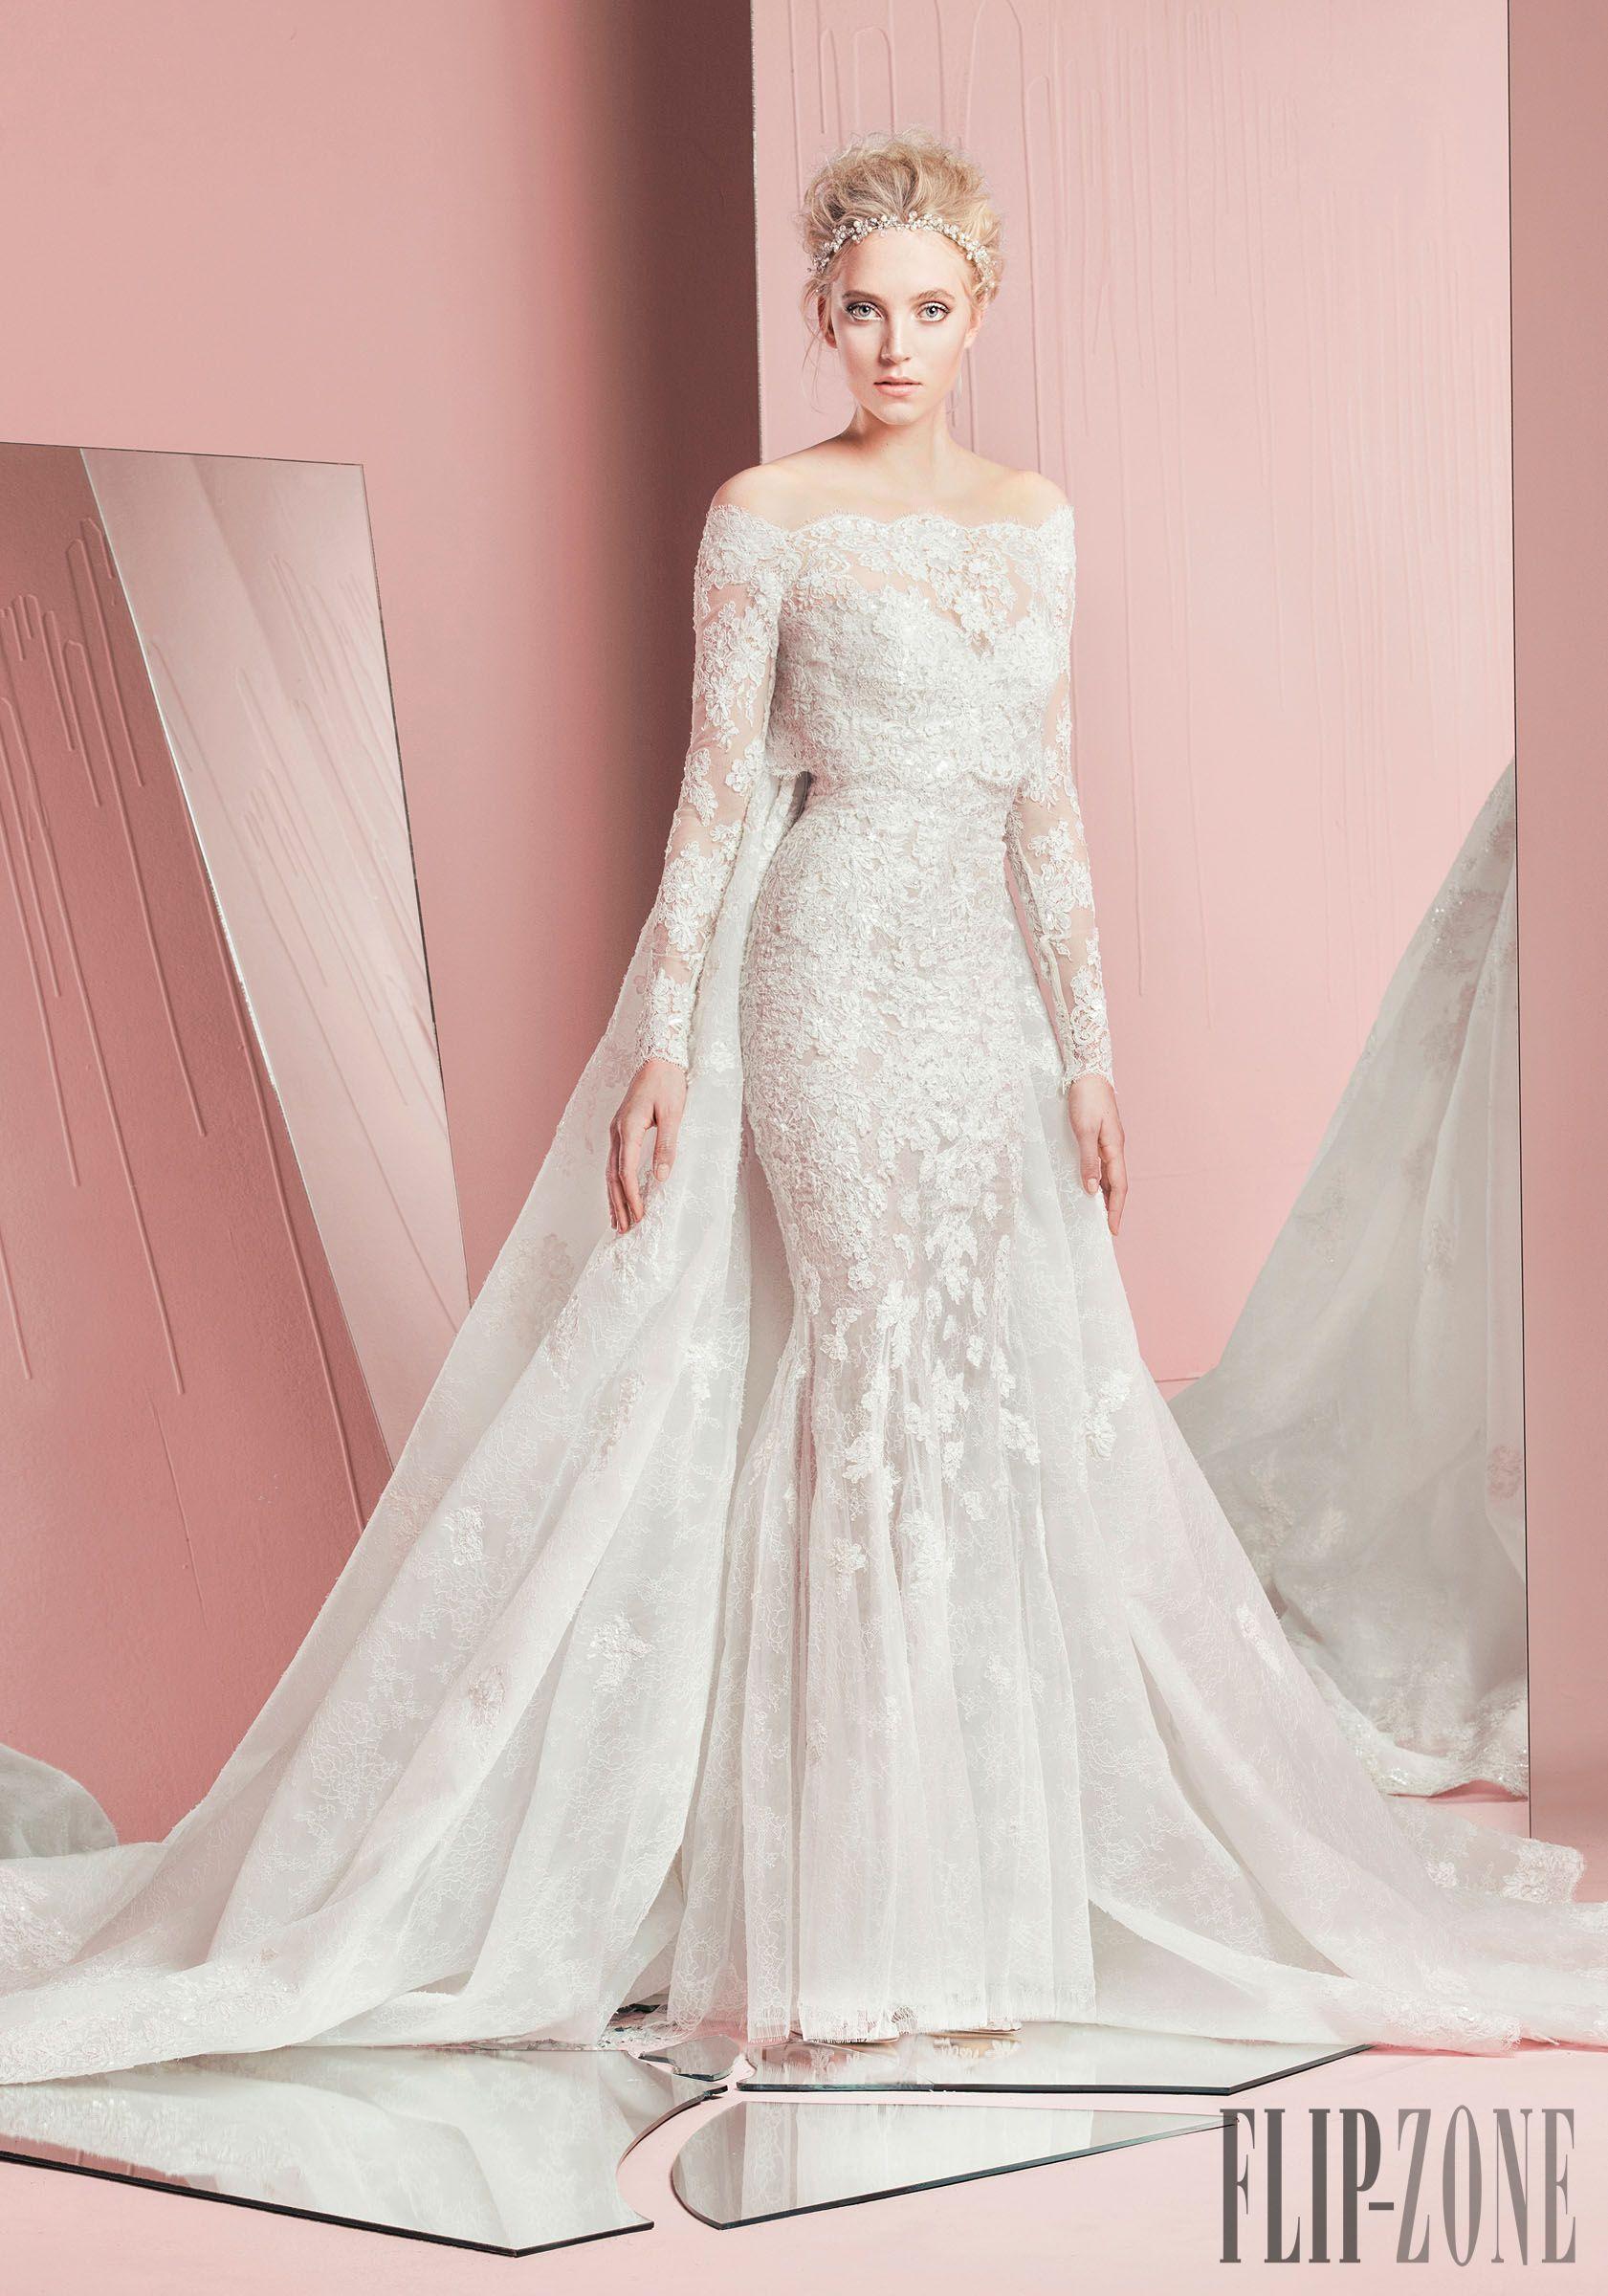 Zuhair Murad 2016 collection - Bridal | Zuhair murad, Wedding dress ...